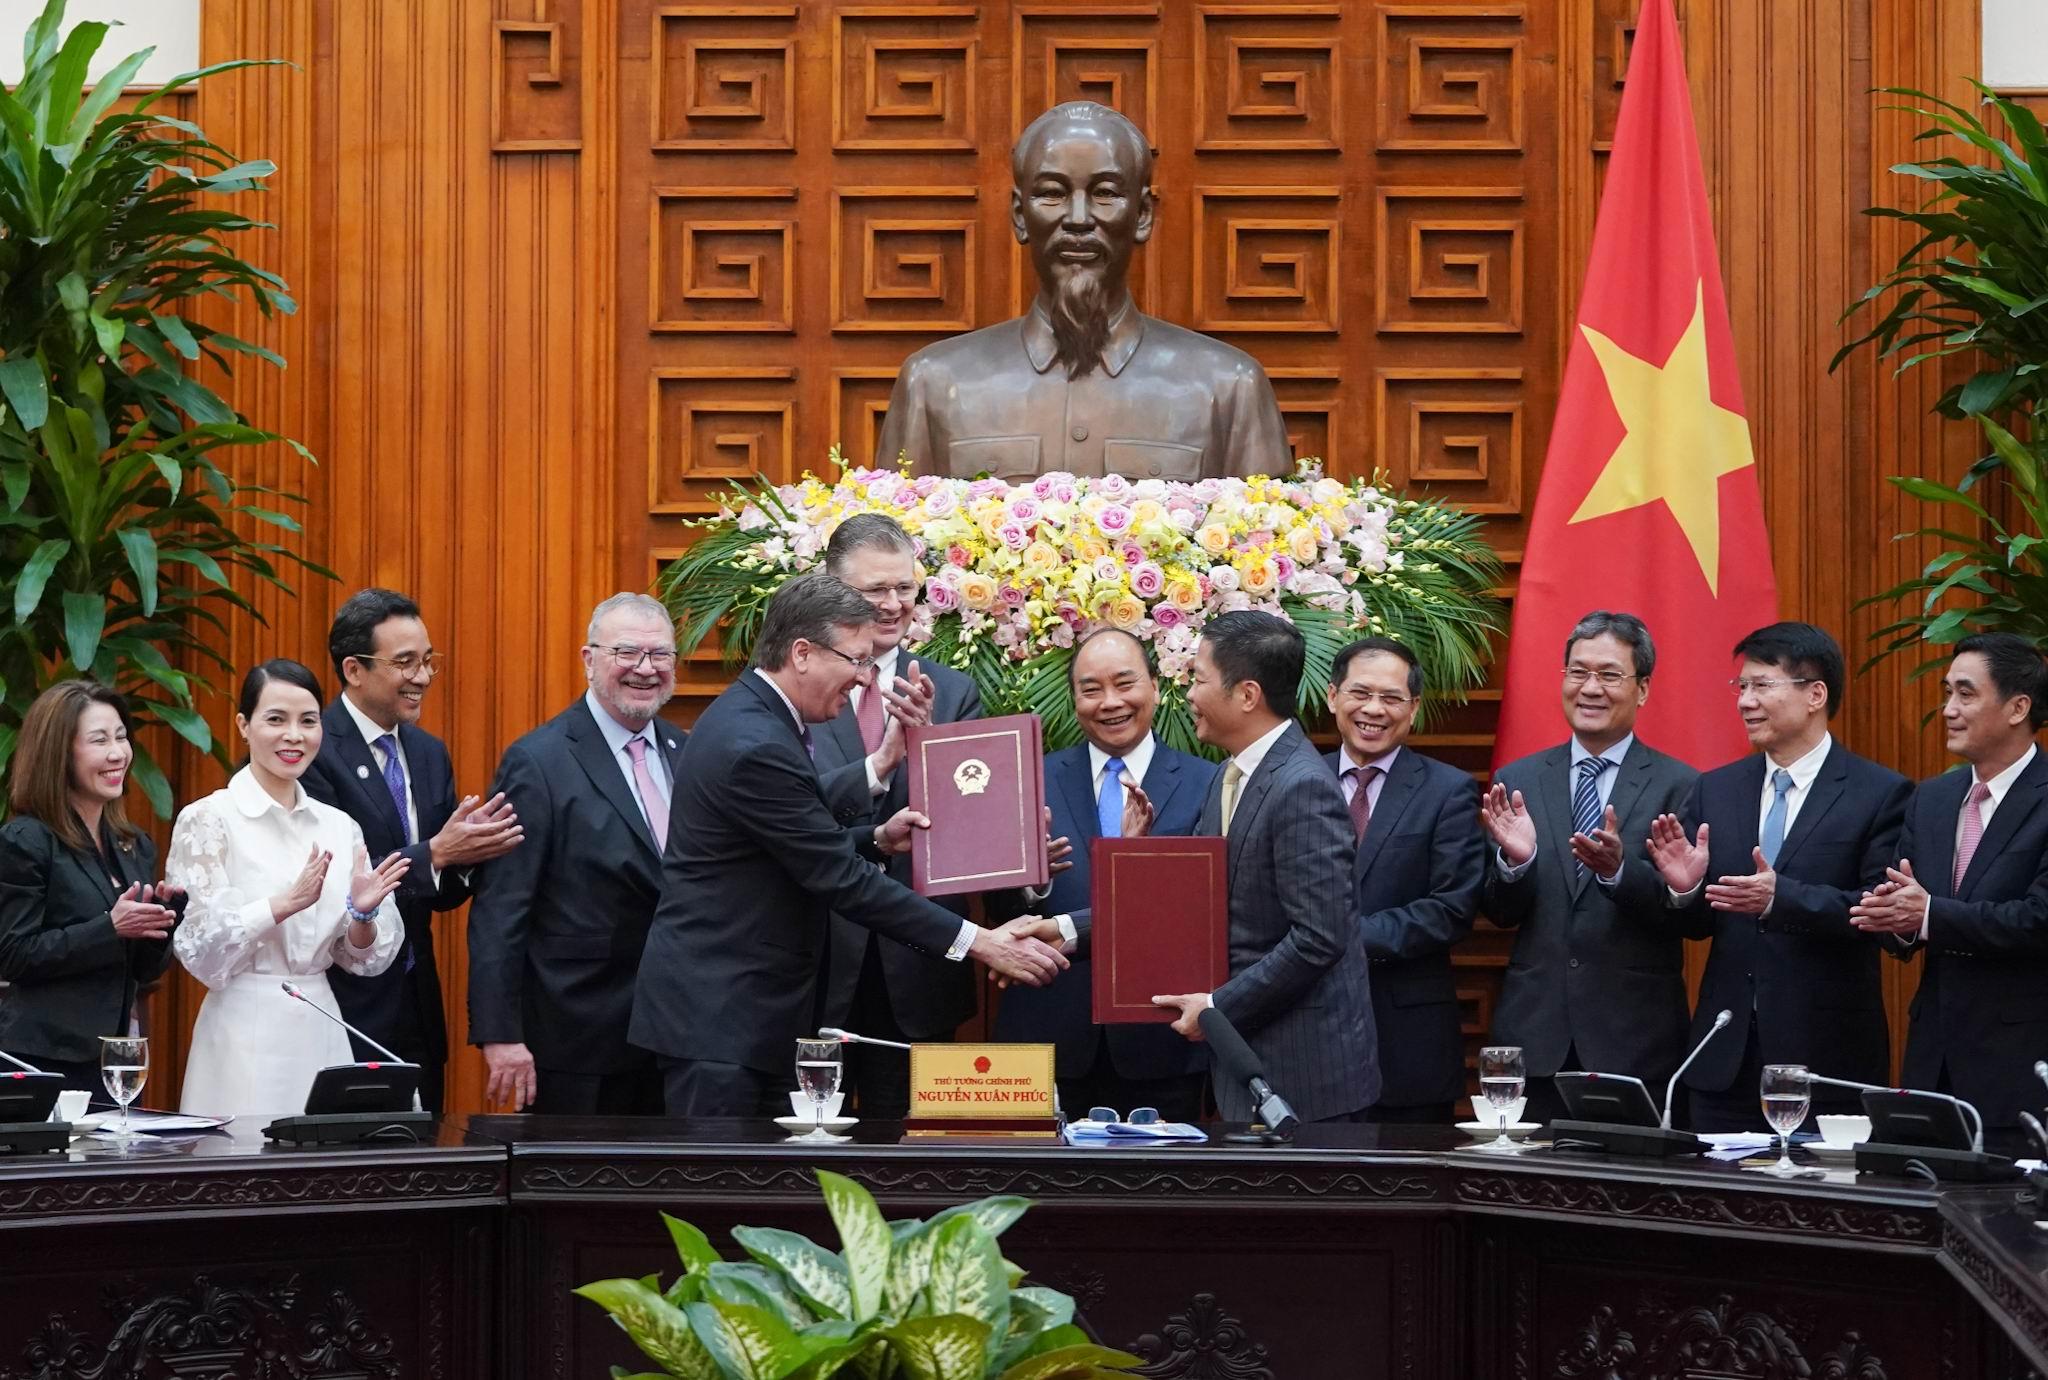 Đoàn doanh nghiệp Hoa Kỳ đến Việt Nam vì tin vào khả năng chống dịch COVID-19